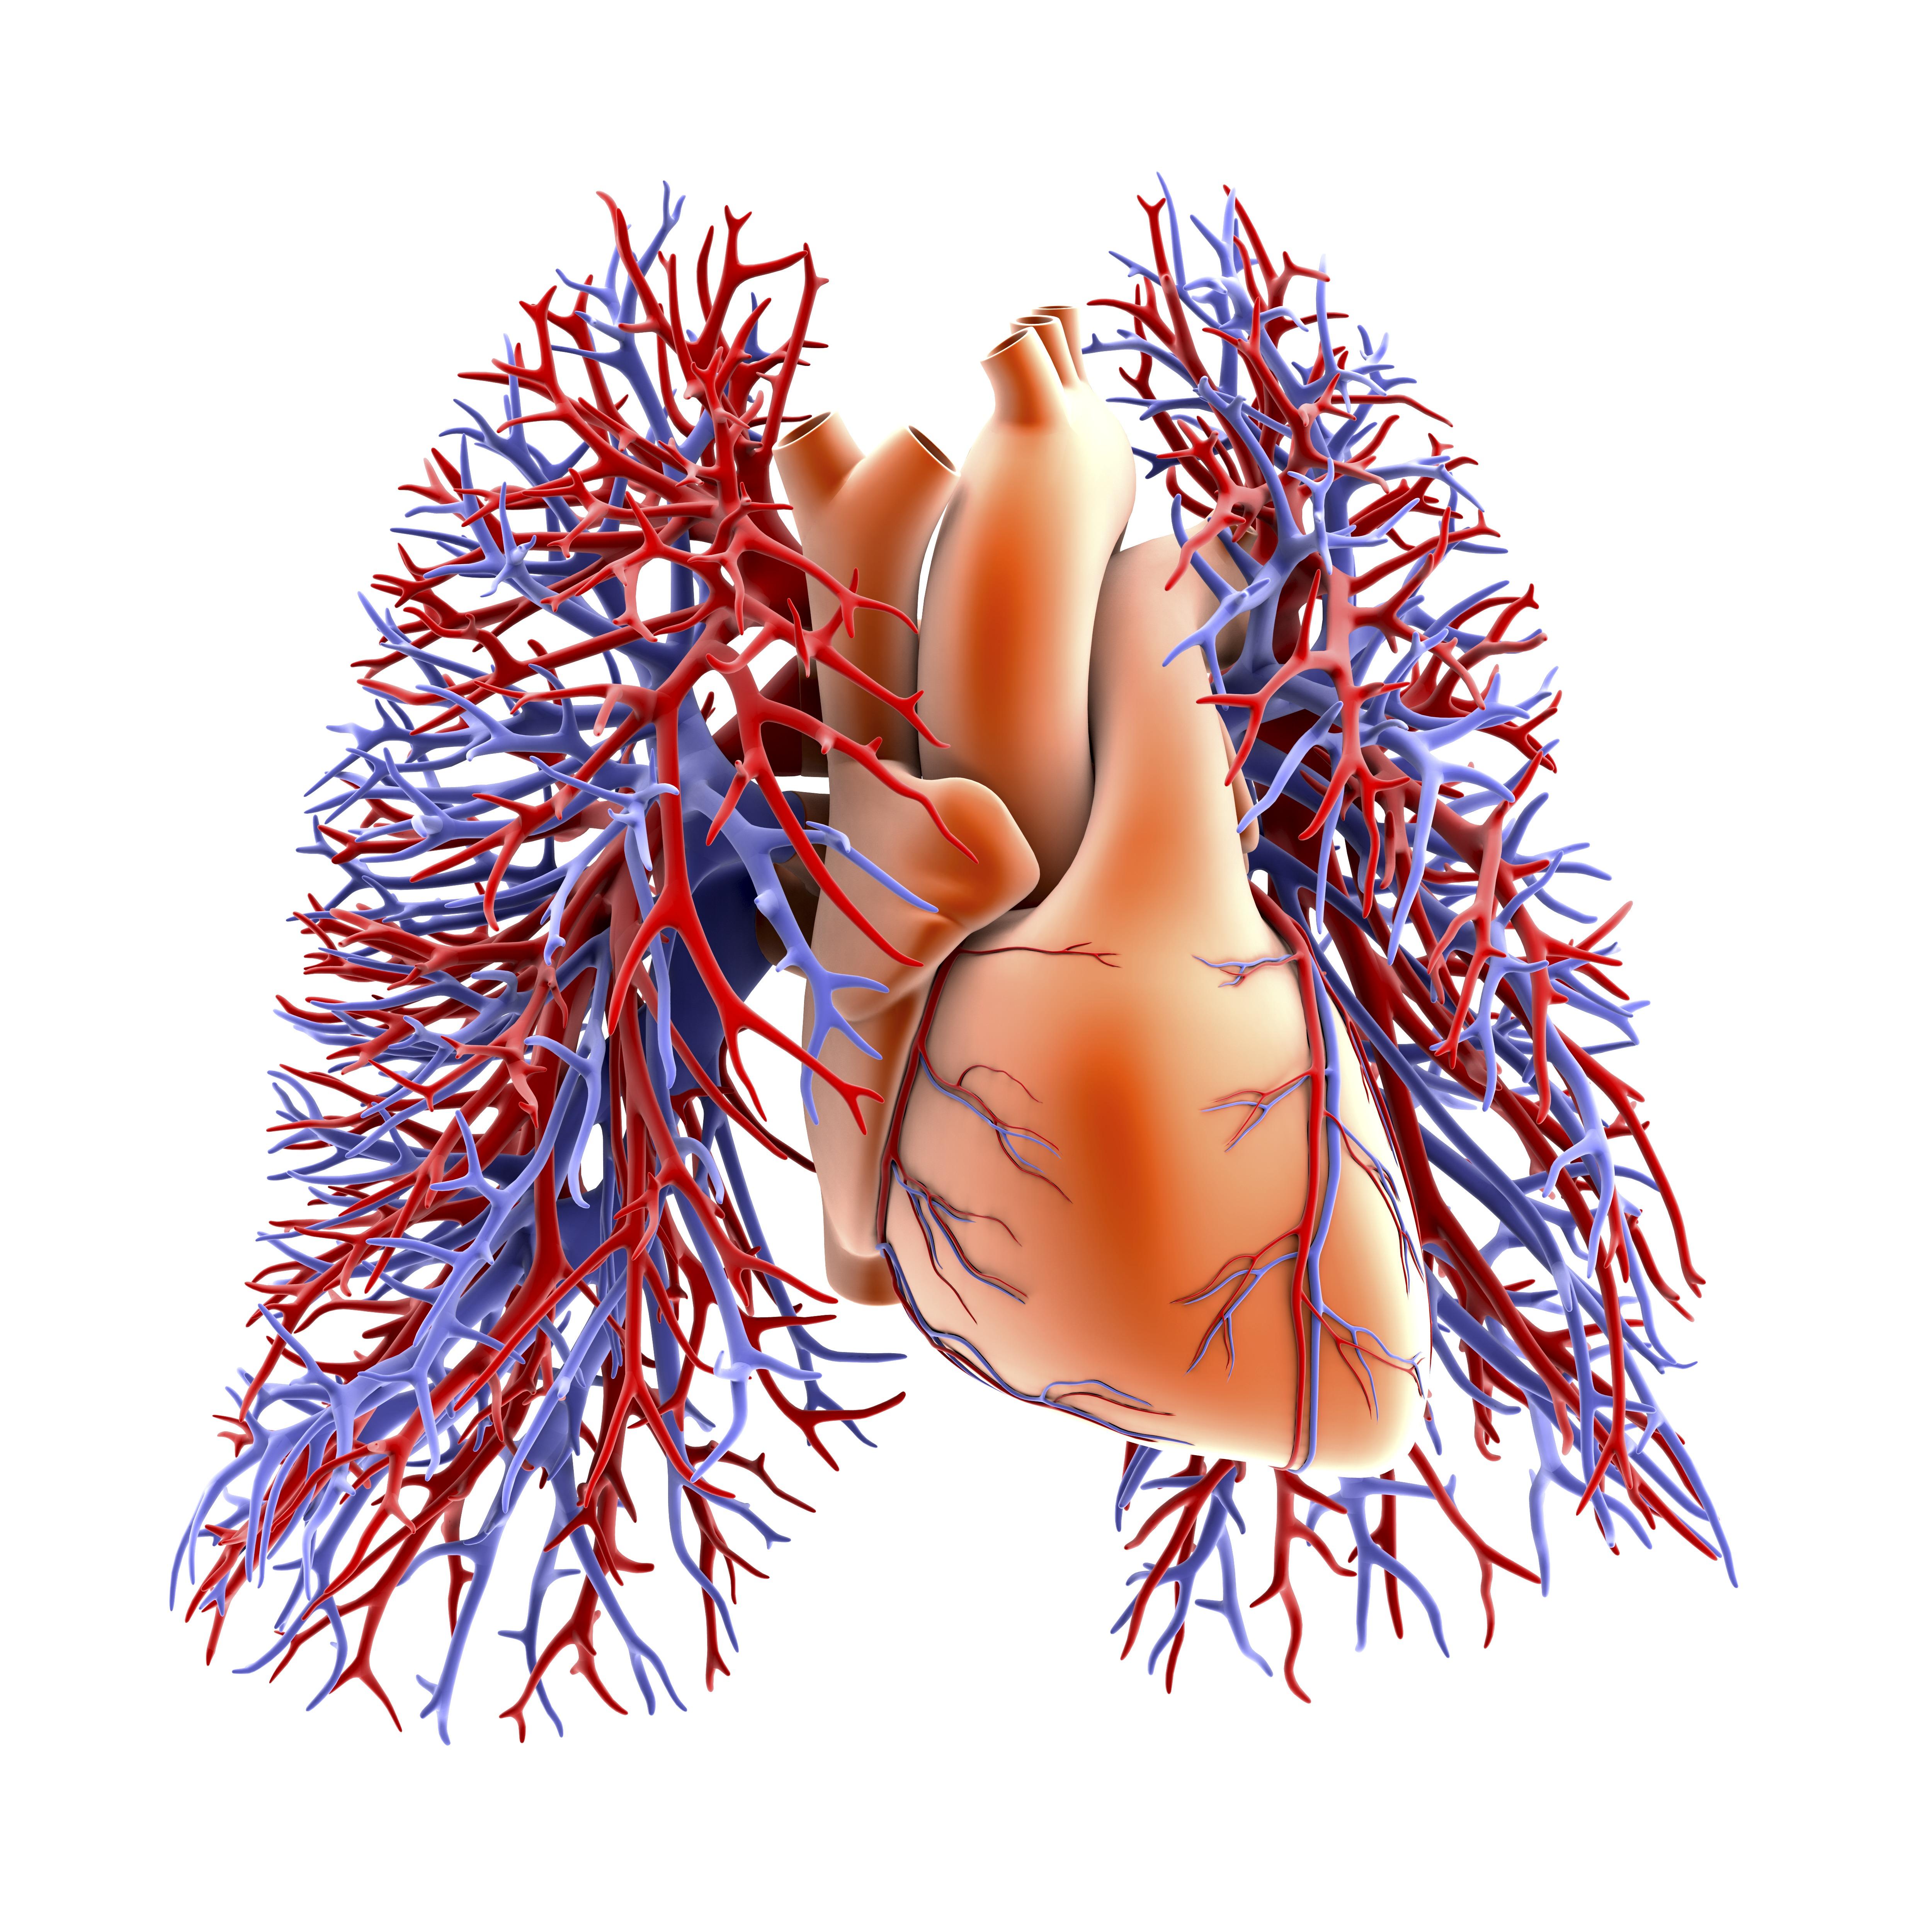 Circuito Sanguineo : Funciones del sistema circulatorio humano muy fitness